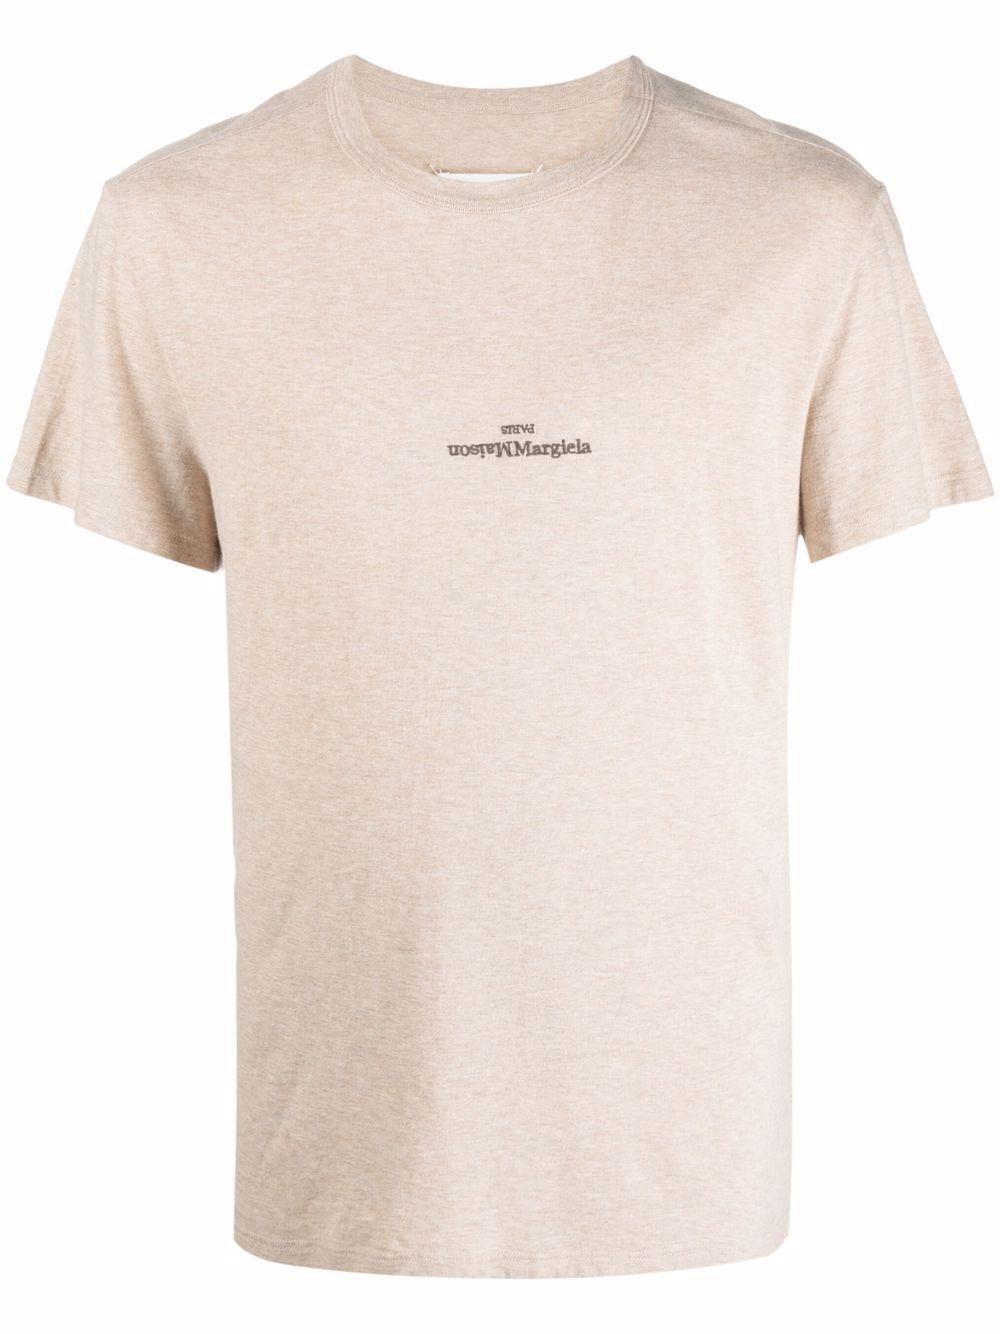 logo t-shirt man beige in cotton MAISON MARGIELA | T-shirts | S50GC0659 S23984114M